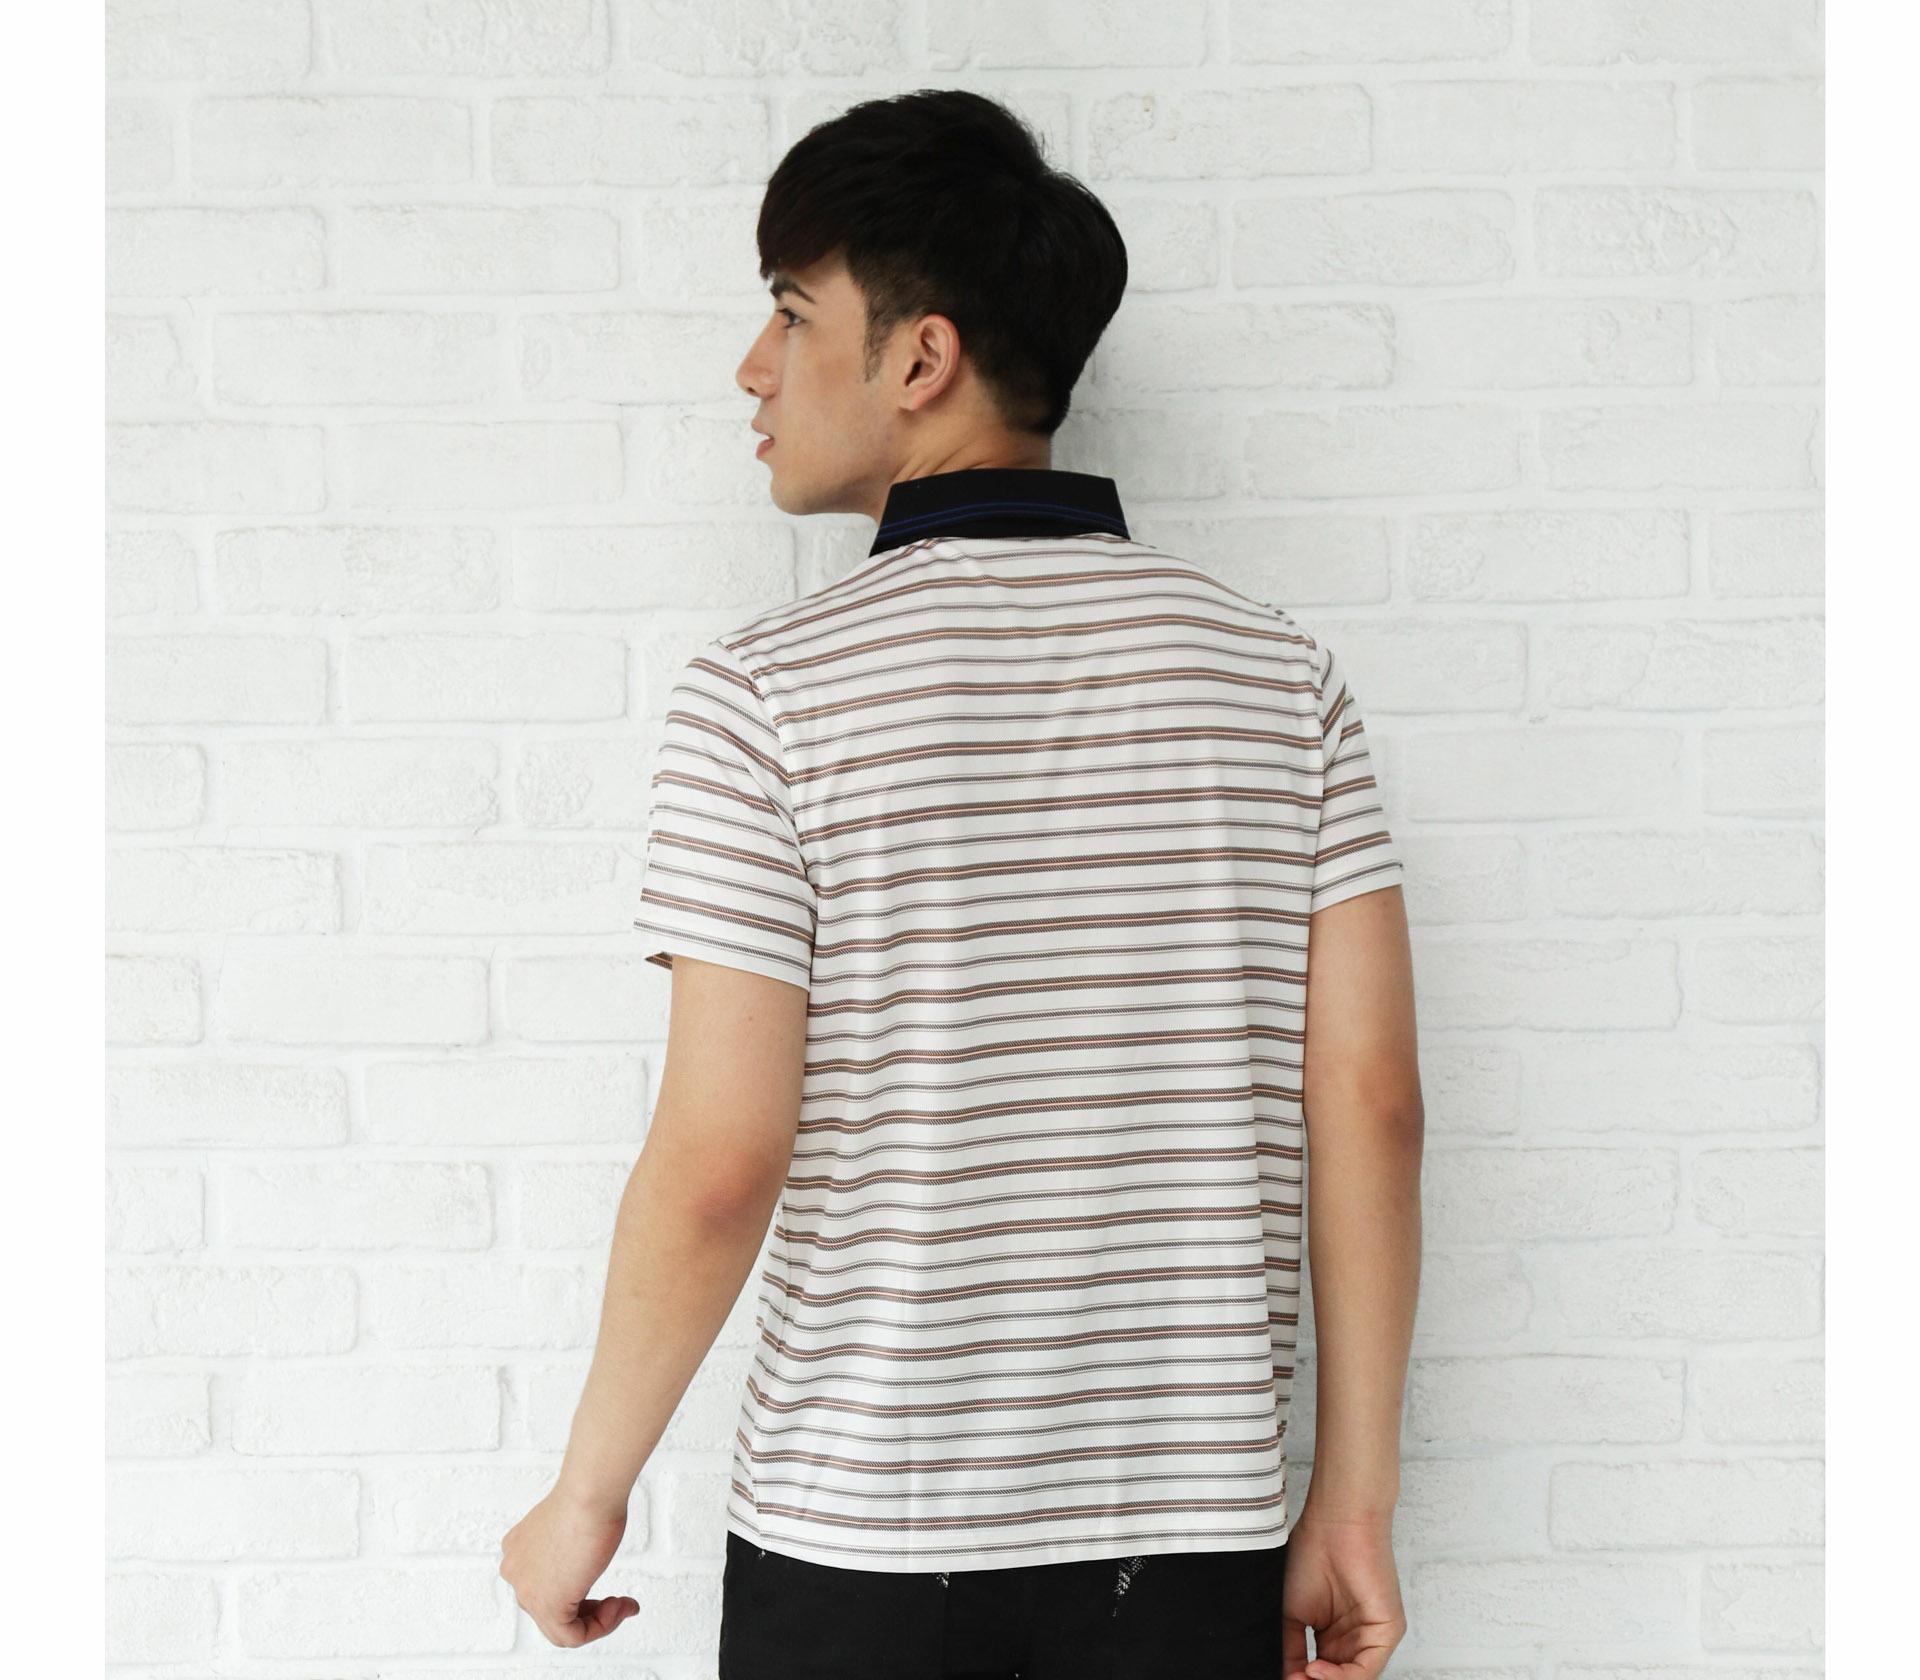 闕蘭絹舒適涼感經典線條100%蠶絲polo衫(咖啡)-5507